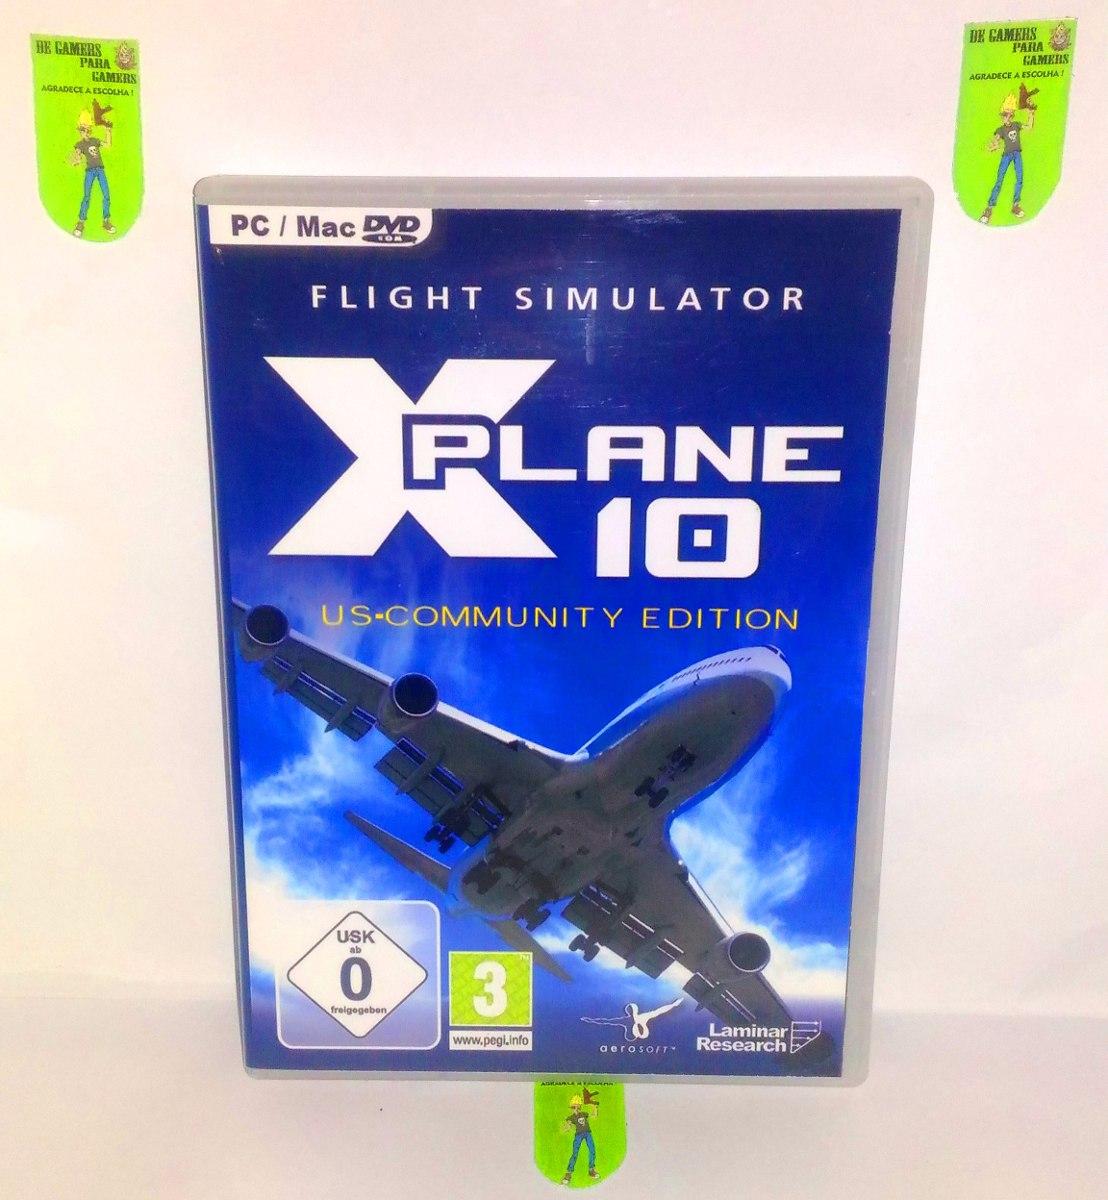 X-plane 10 - Simulador De Voo - Pc Dvd - Frete 8 Reais